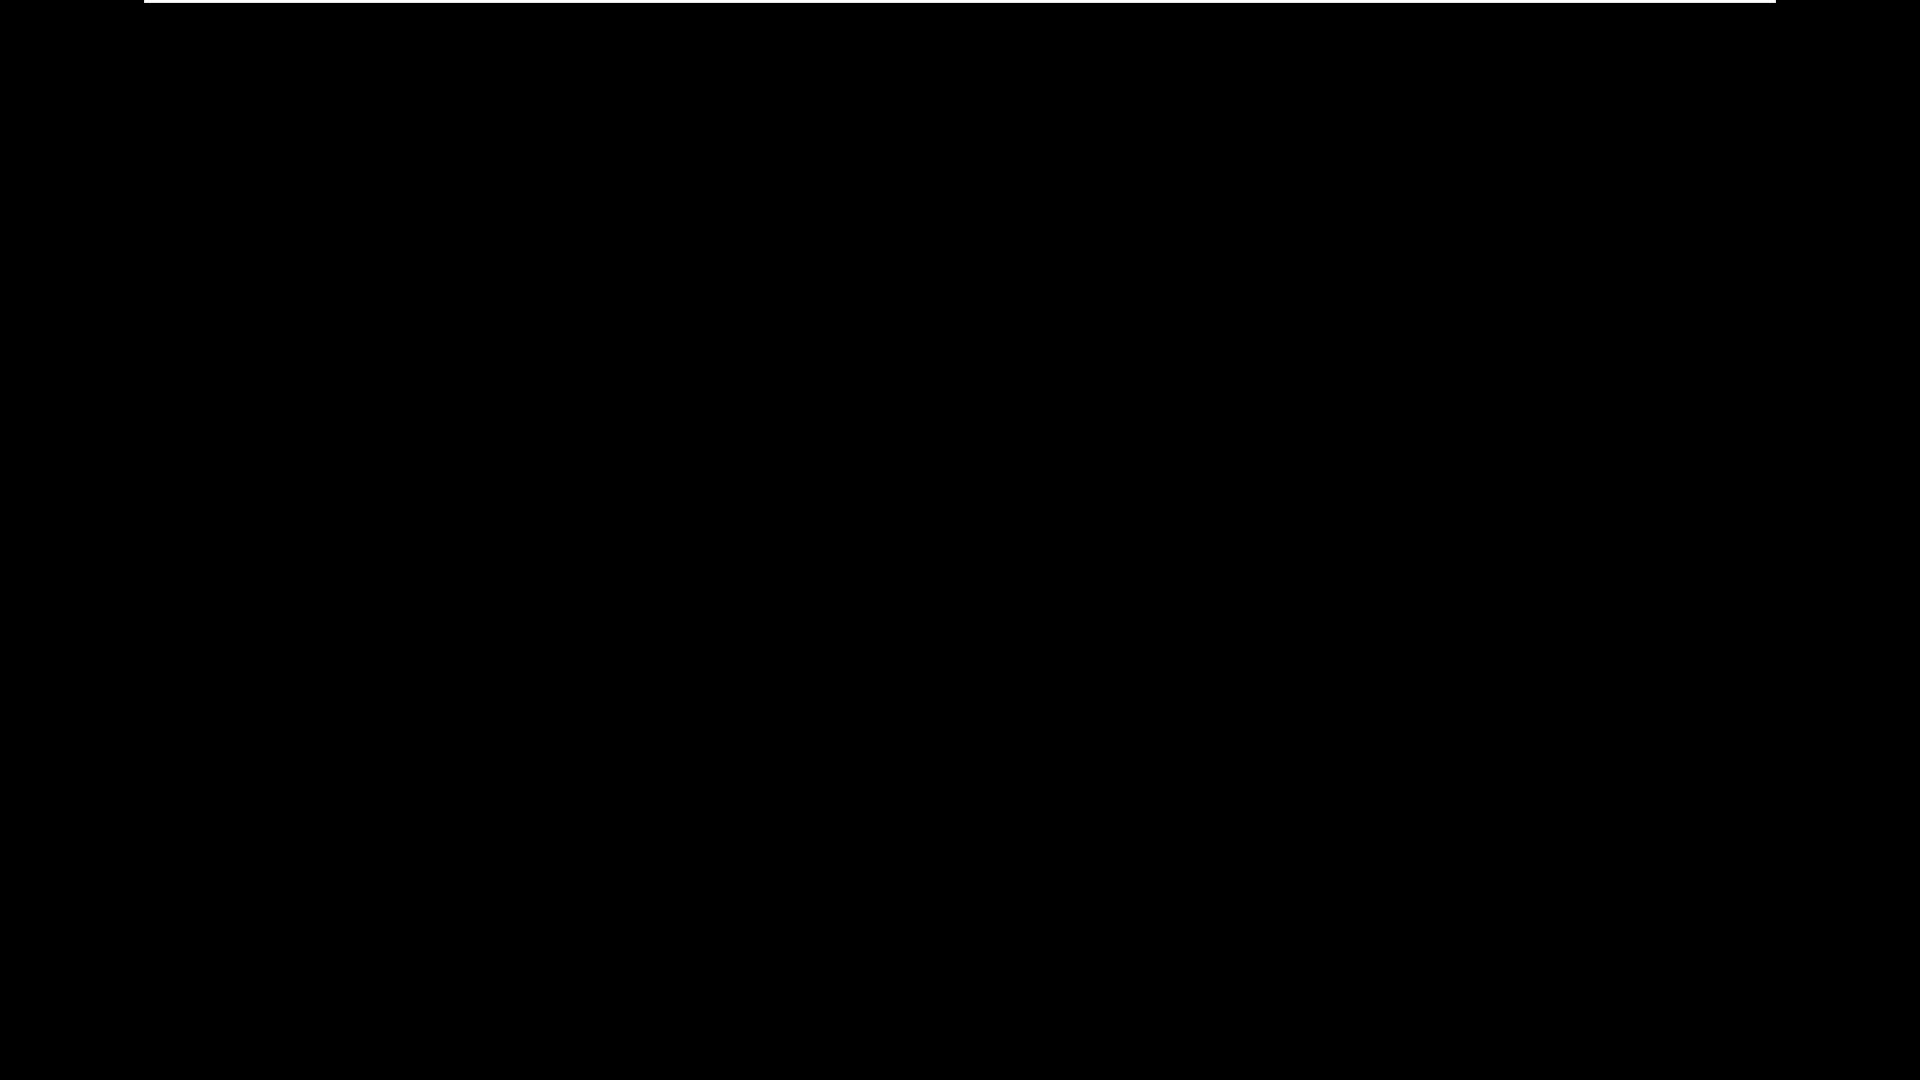 질문에 올라온 PE (ISO)를 ventoy 부팅 - ISO 외부 (보통 usb의 루트)로 wim과 Y드라이브로 연결될 프로그램 폴더를 추출하시면 제대로 PE 사용이 가능합니다 2021-05-02_141158.jpg